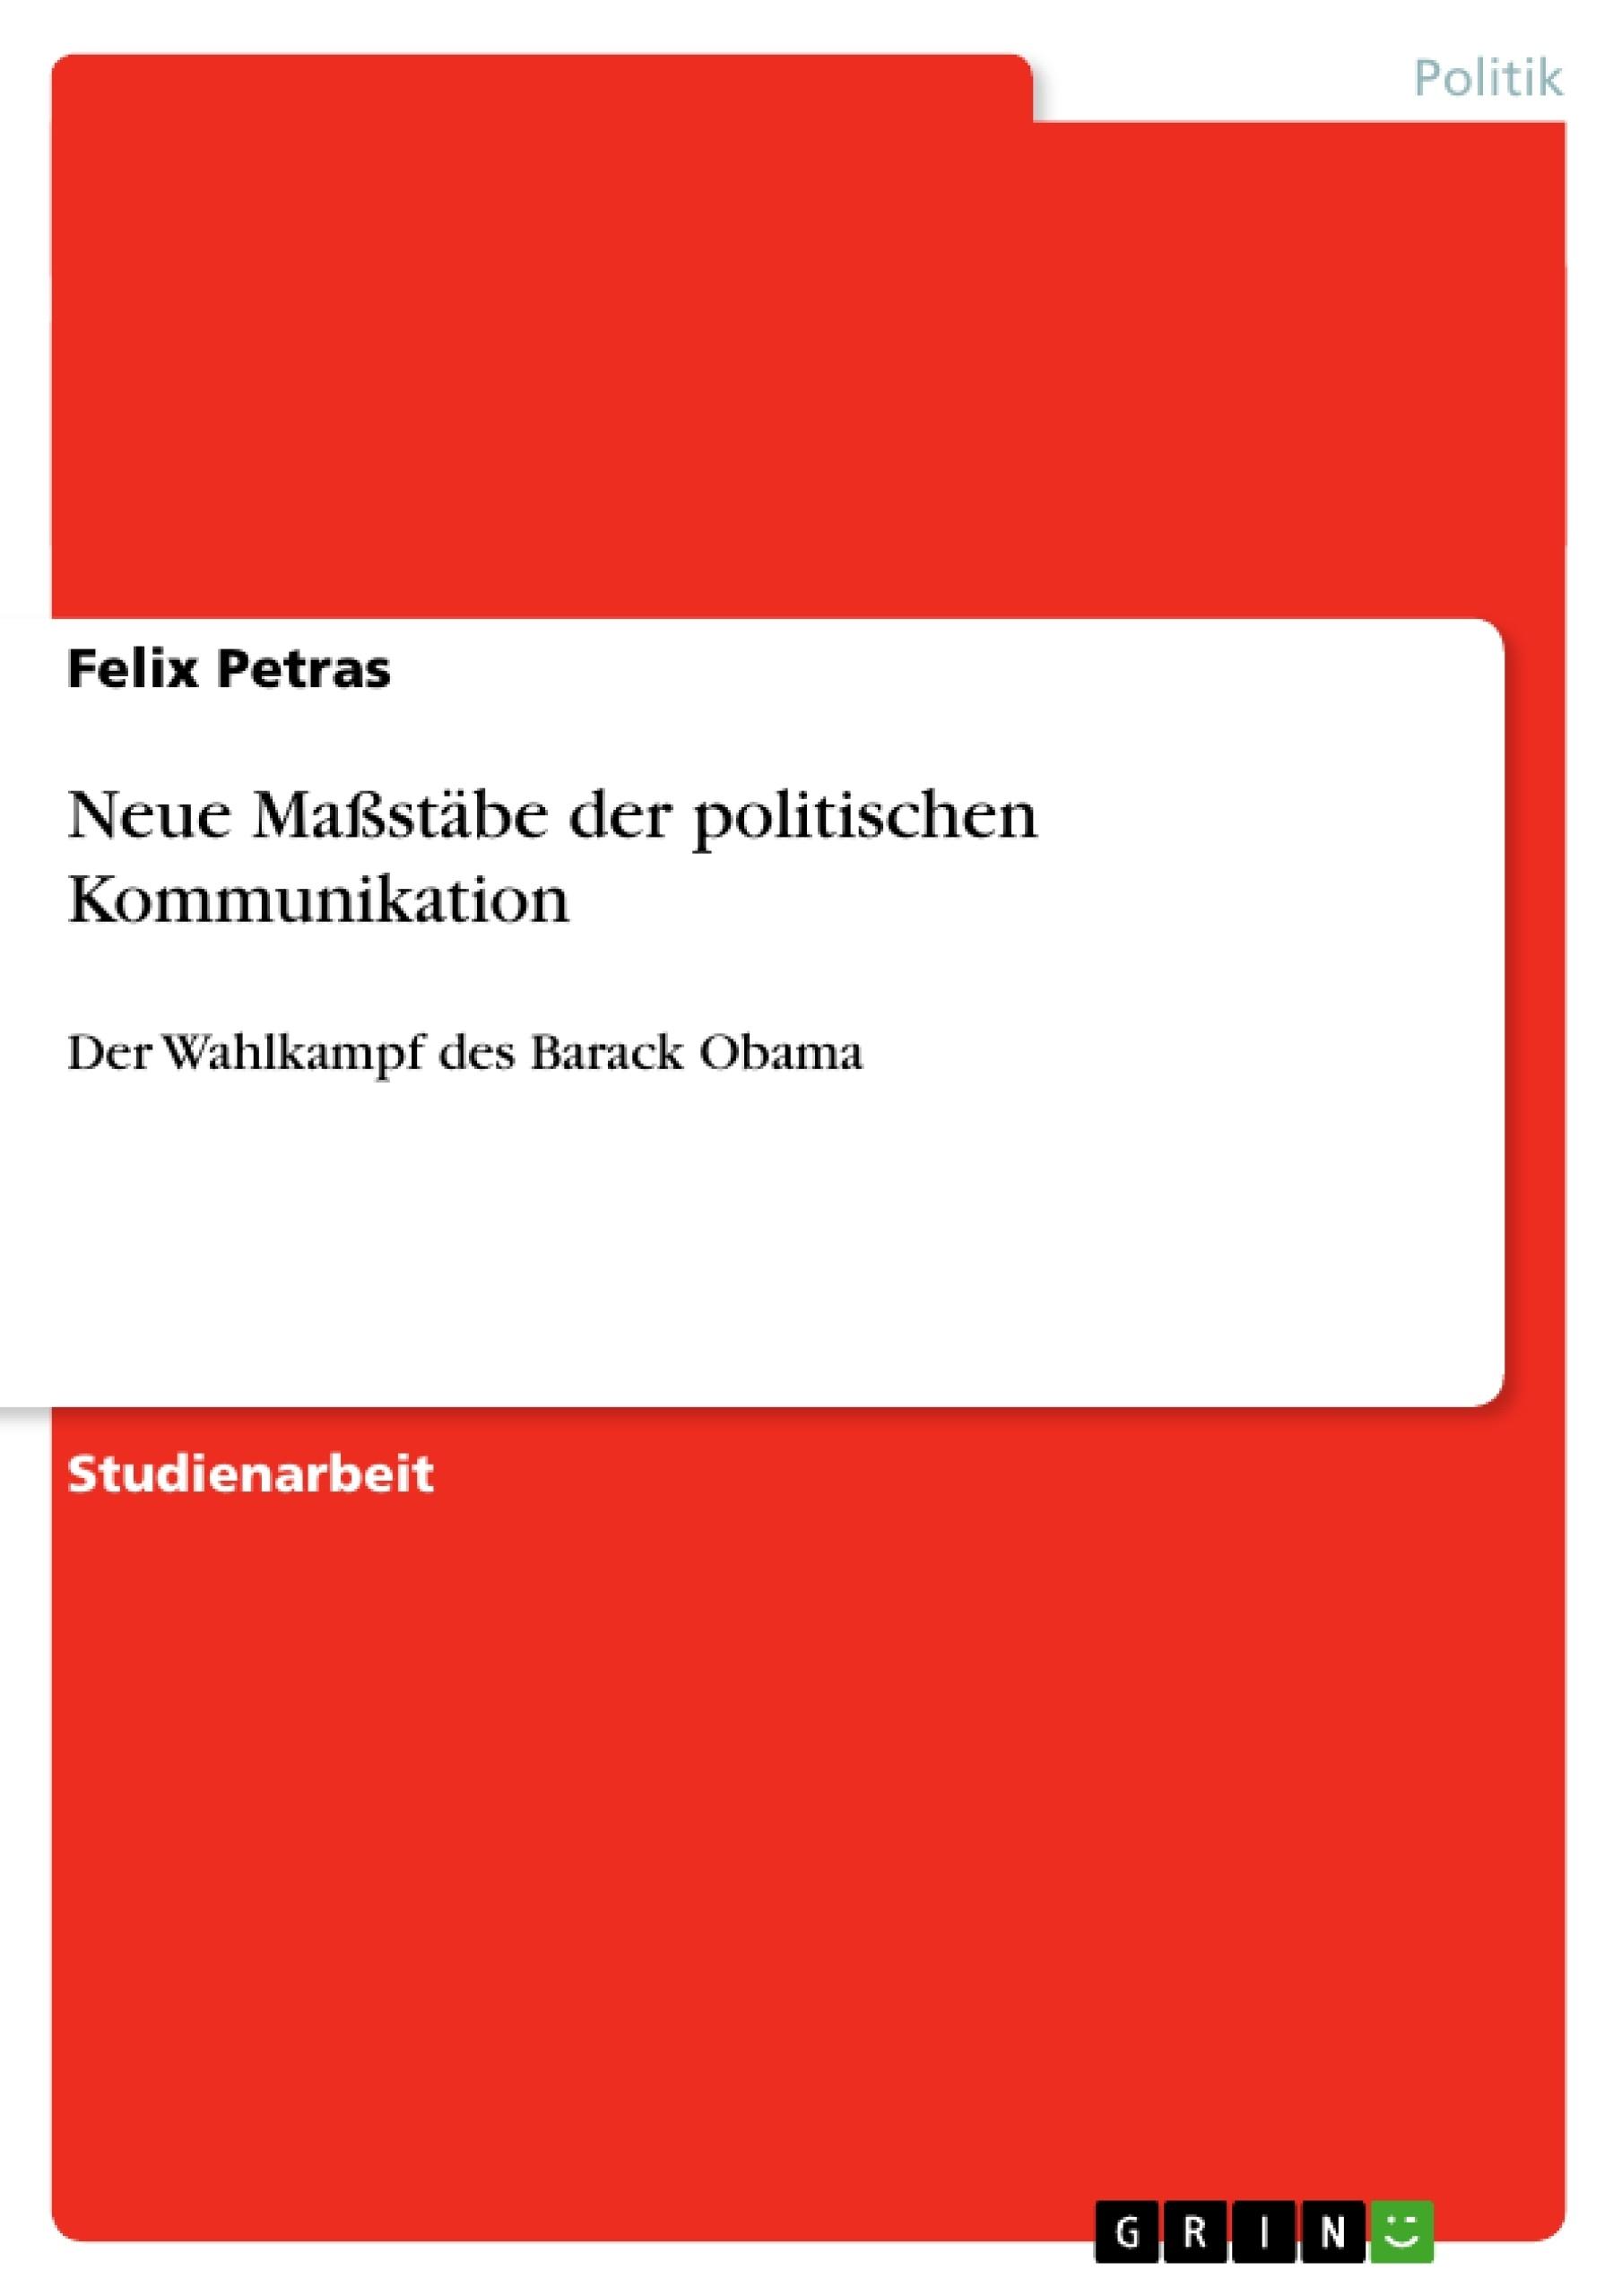 Titel: Neue Maßstäbe der politischen Kommunikation